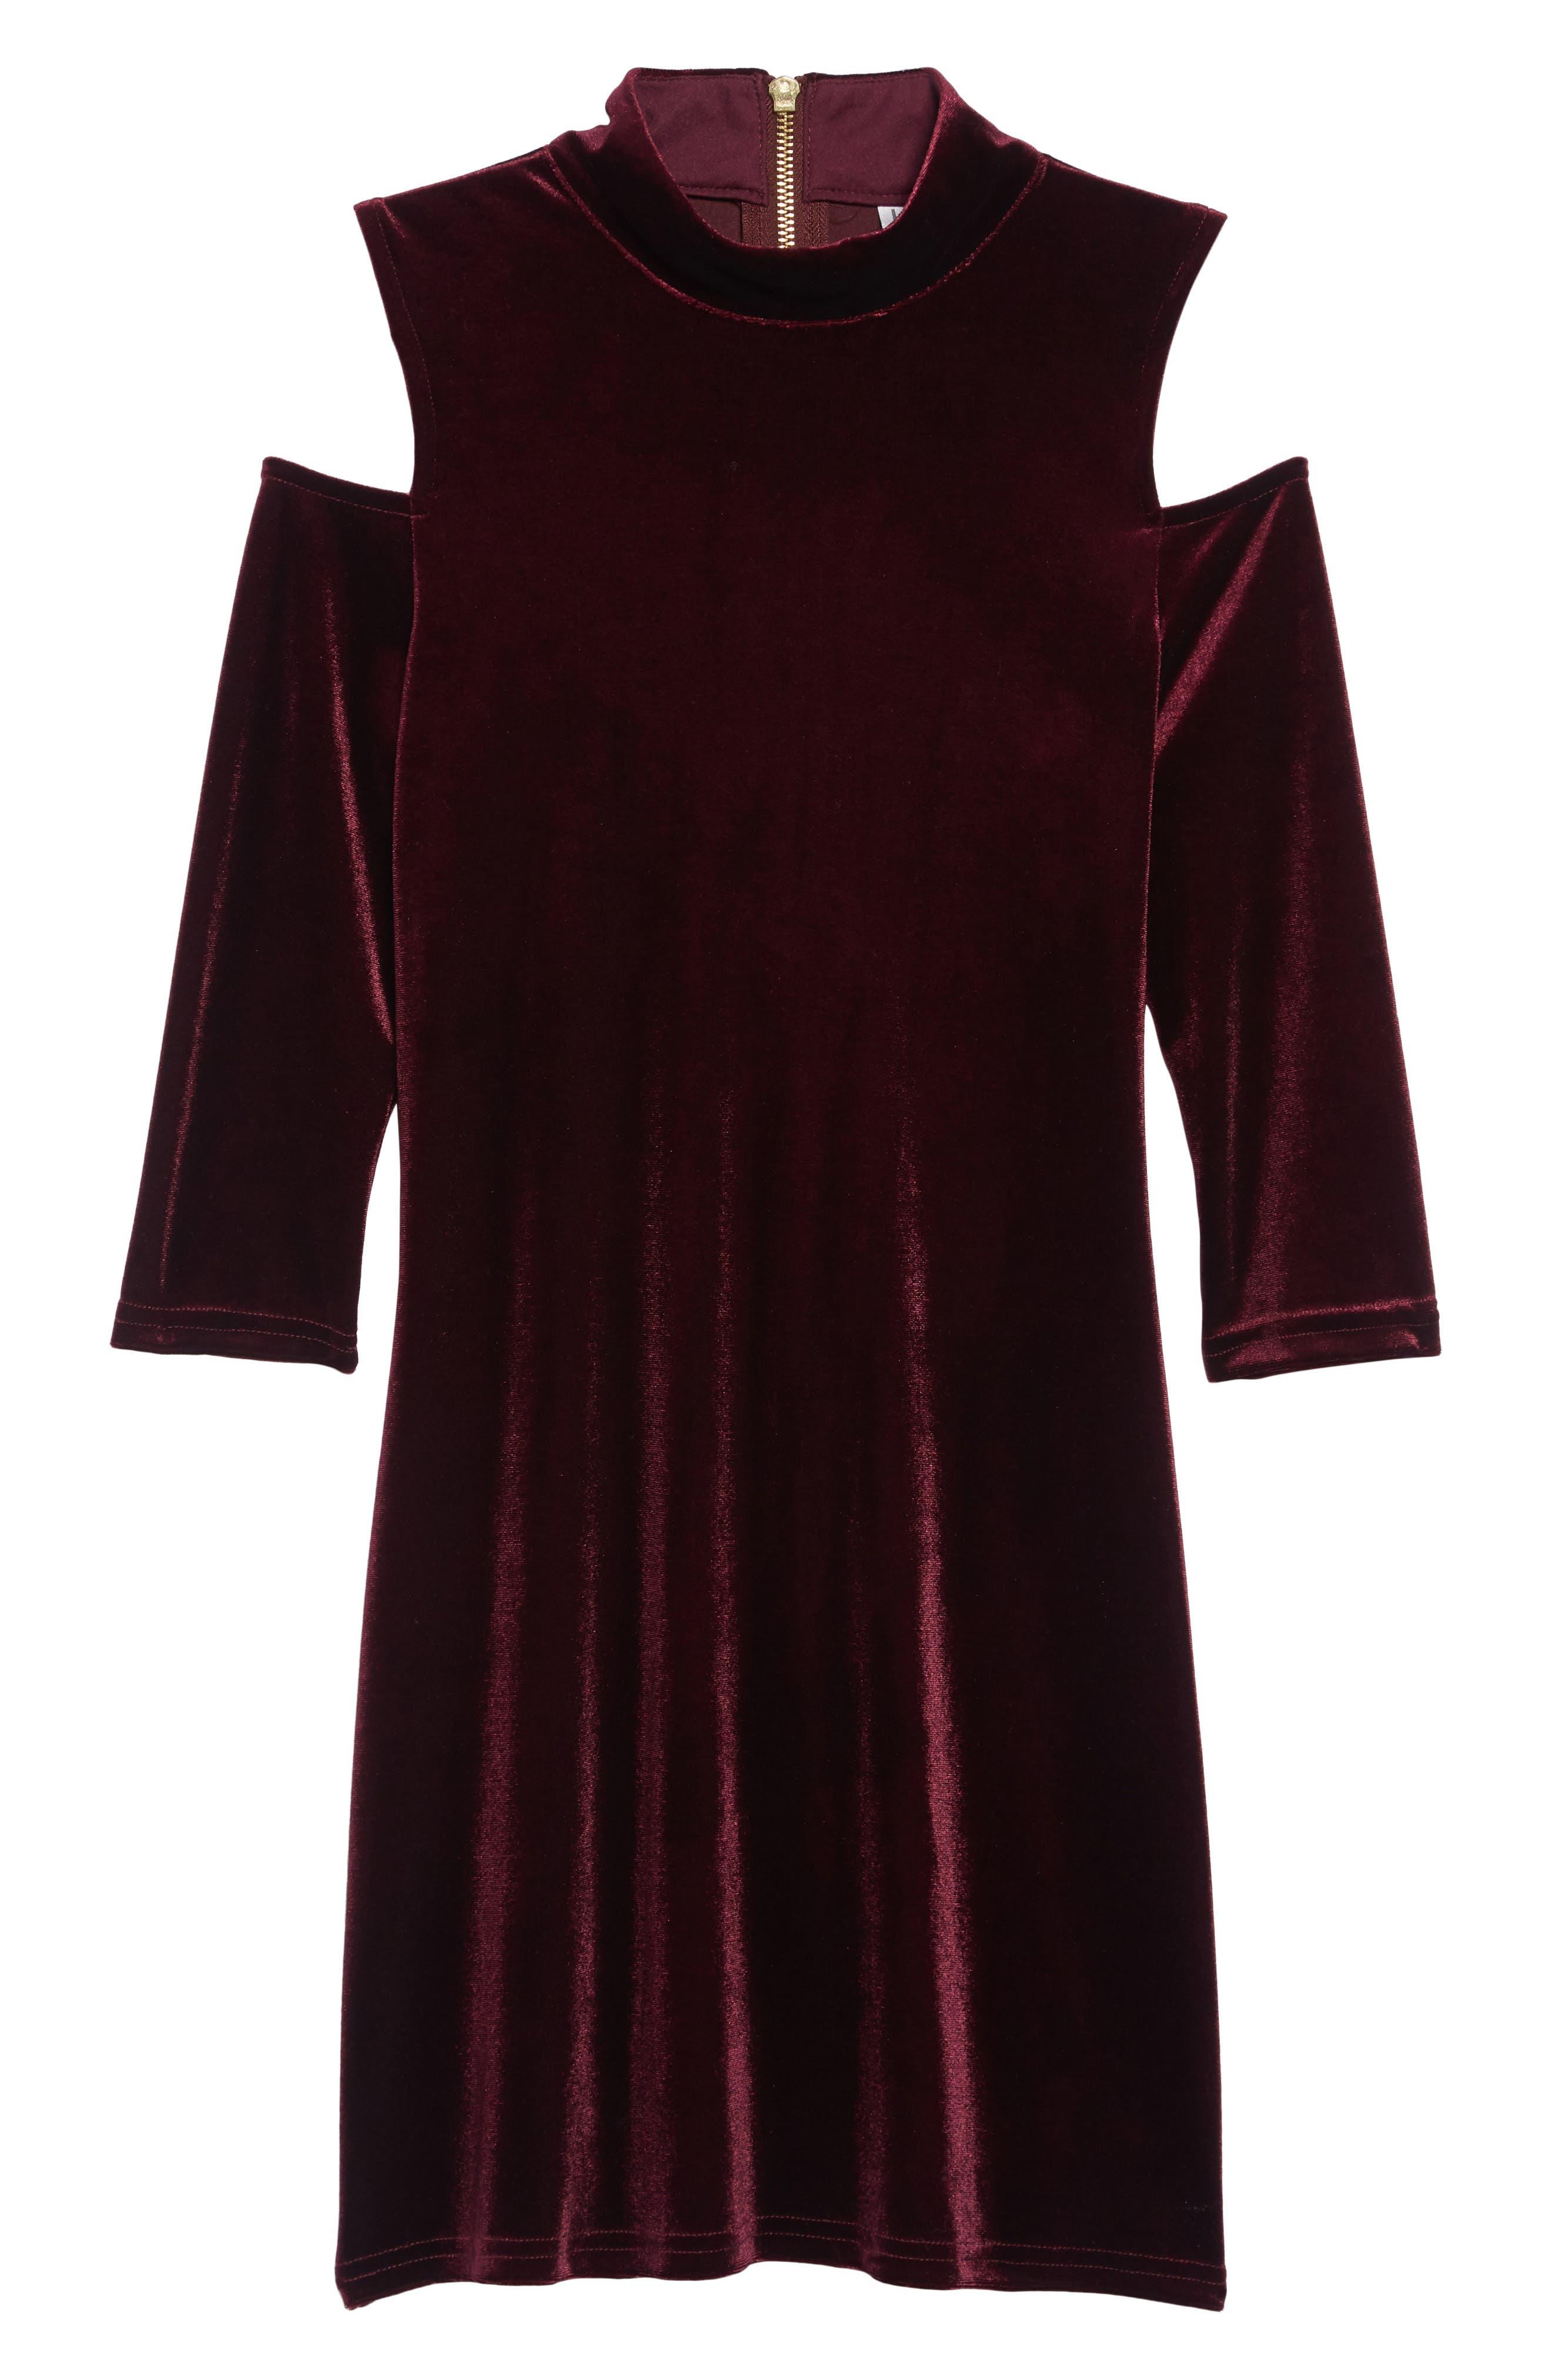 BLUSH BY US ANGELS Cold Shoulder Velvet Dress, Main, color, BERRY